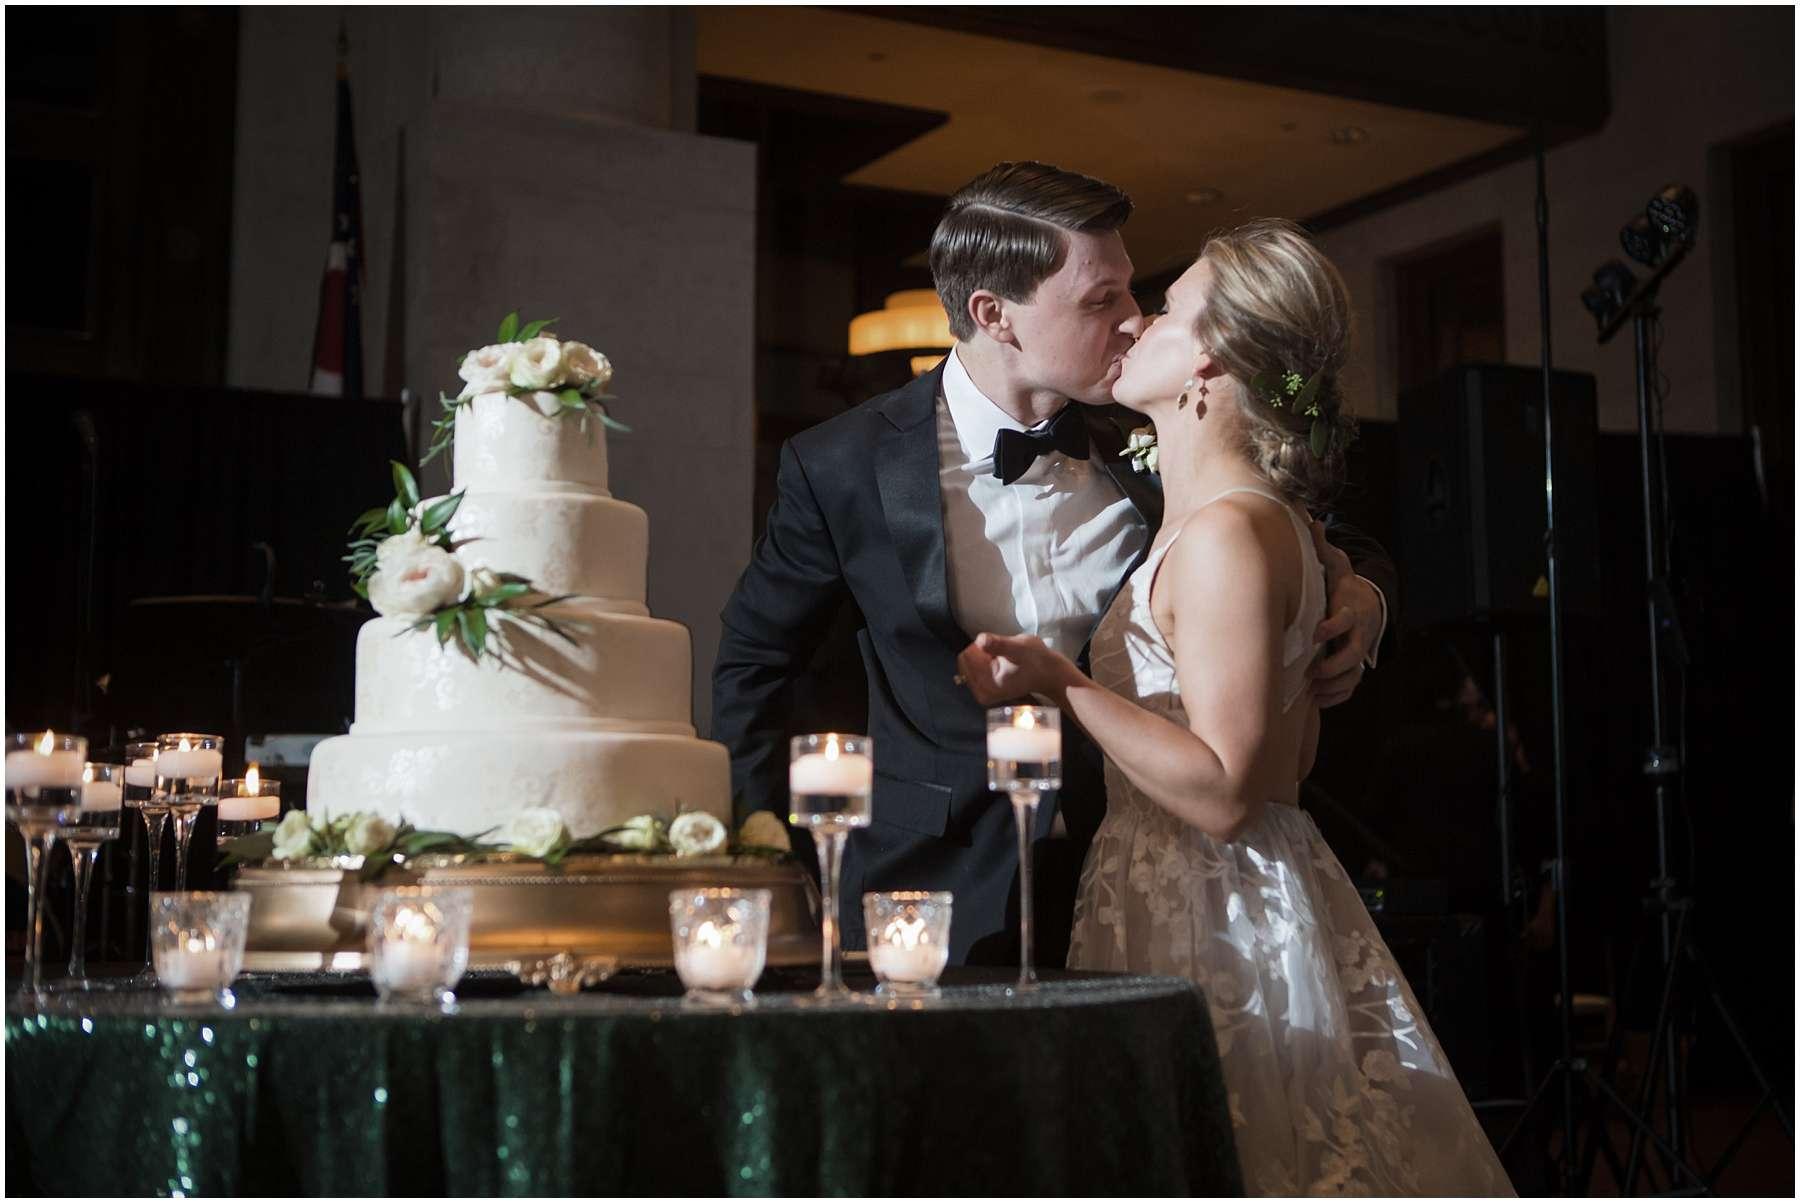 Wedding at the Ohio Statehouse | Columbus Ohio Weddings 216